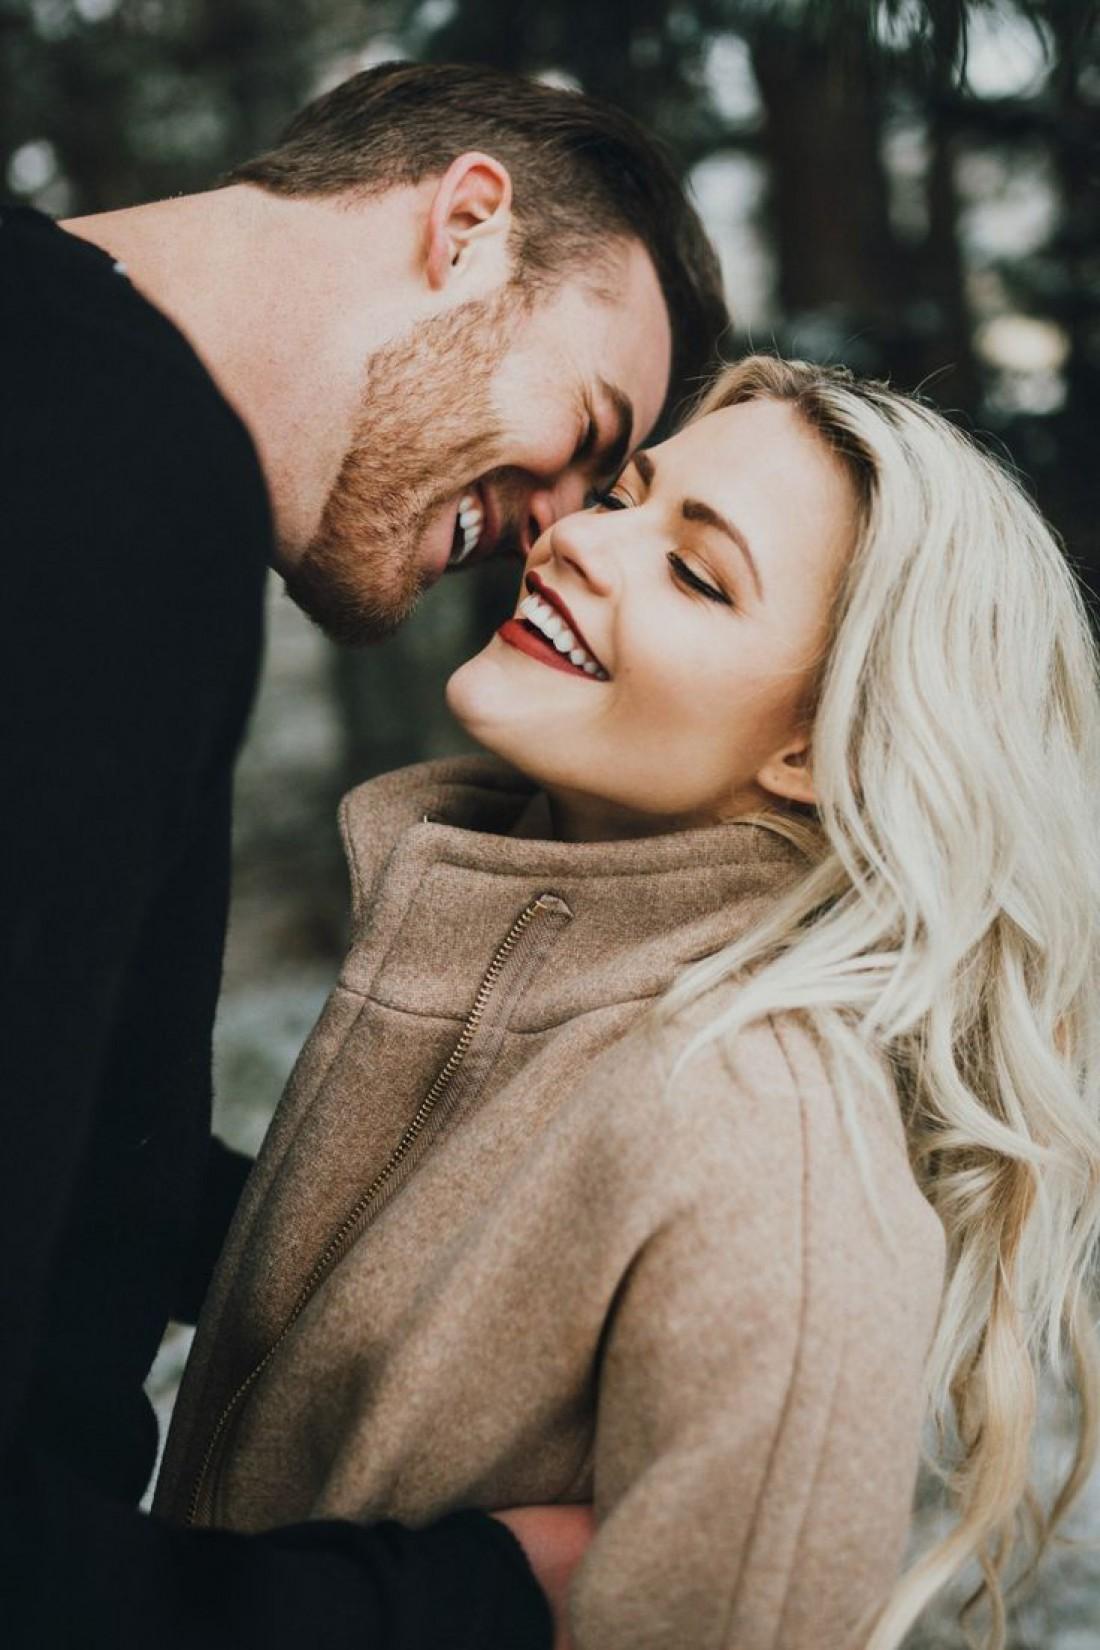 Никогда не забывайте, почему вы влюбились в друг друга